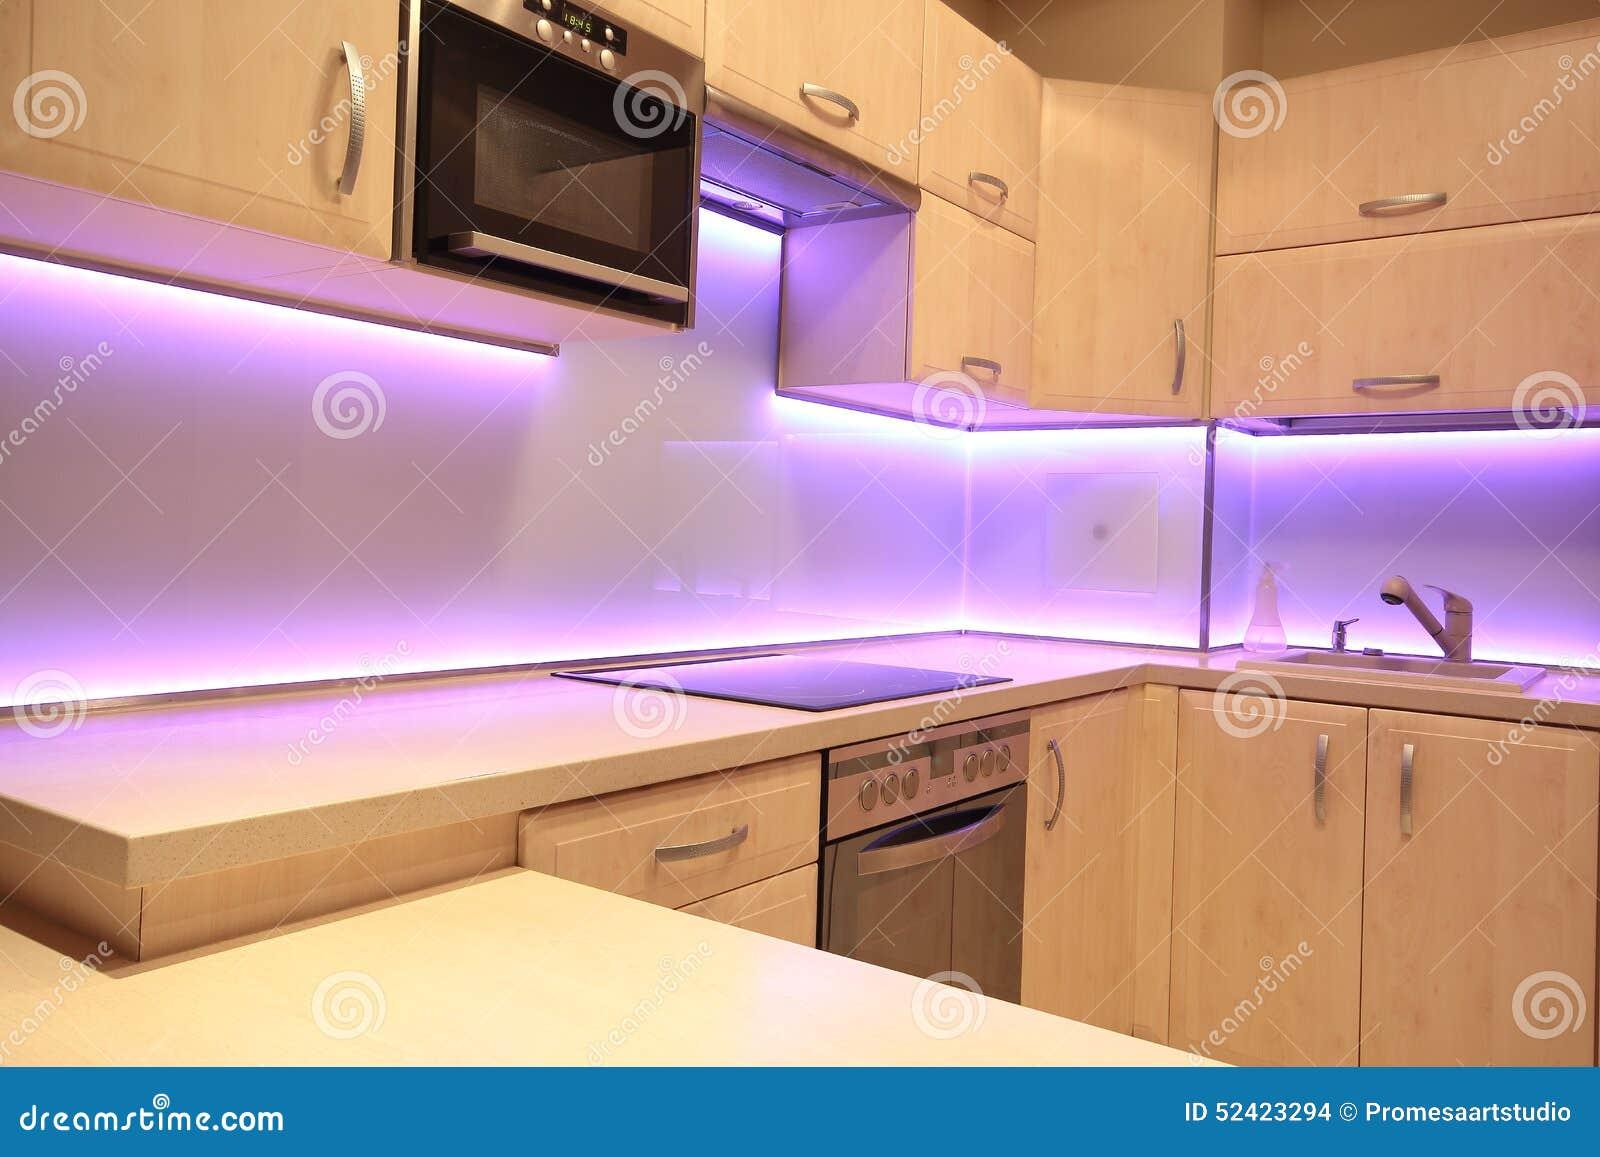 Cocina de lujo moderna con la iluminaci n rosada del led - Iluminacion cocinas modernas ...